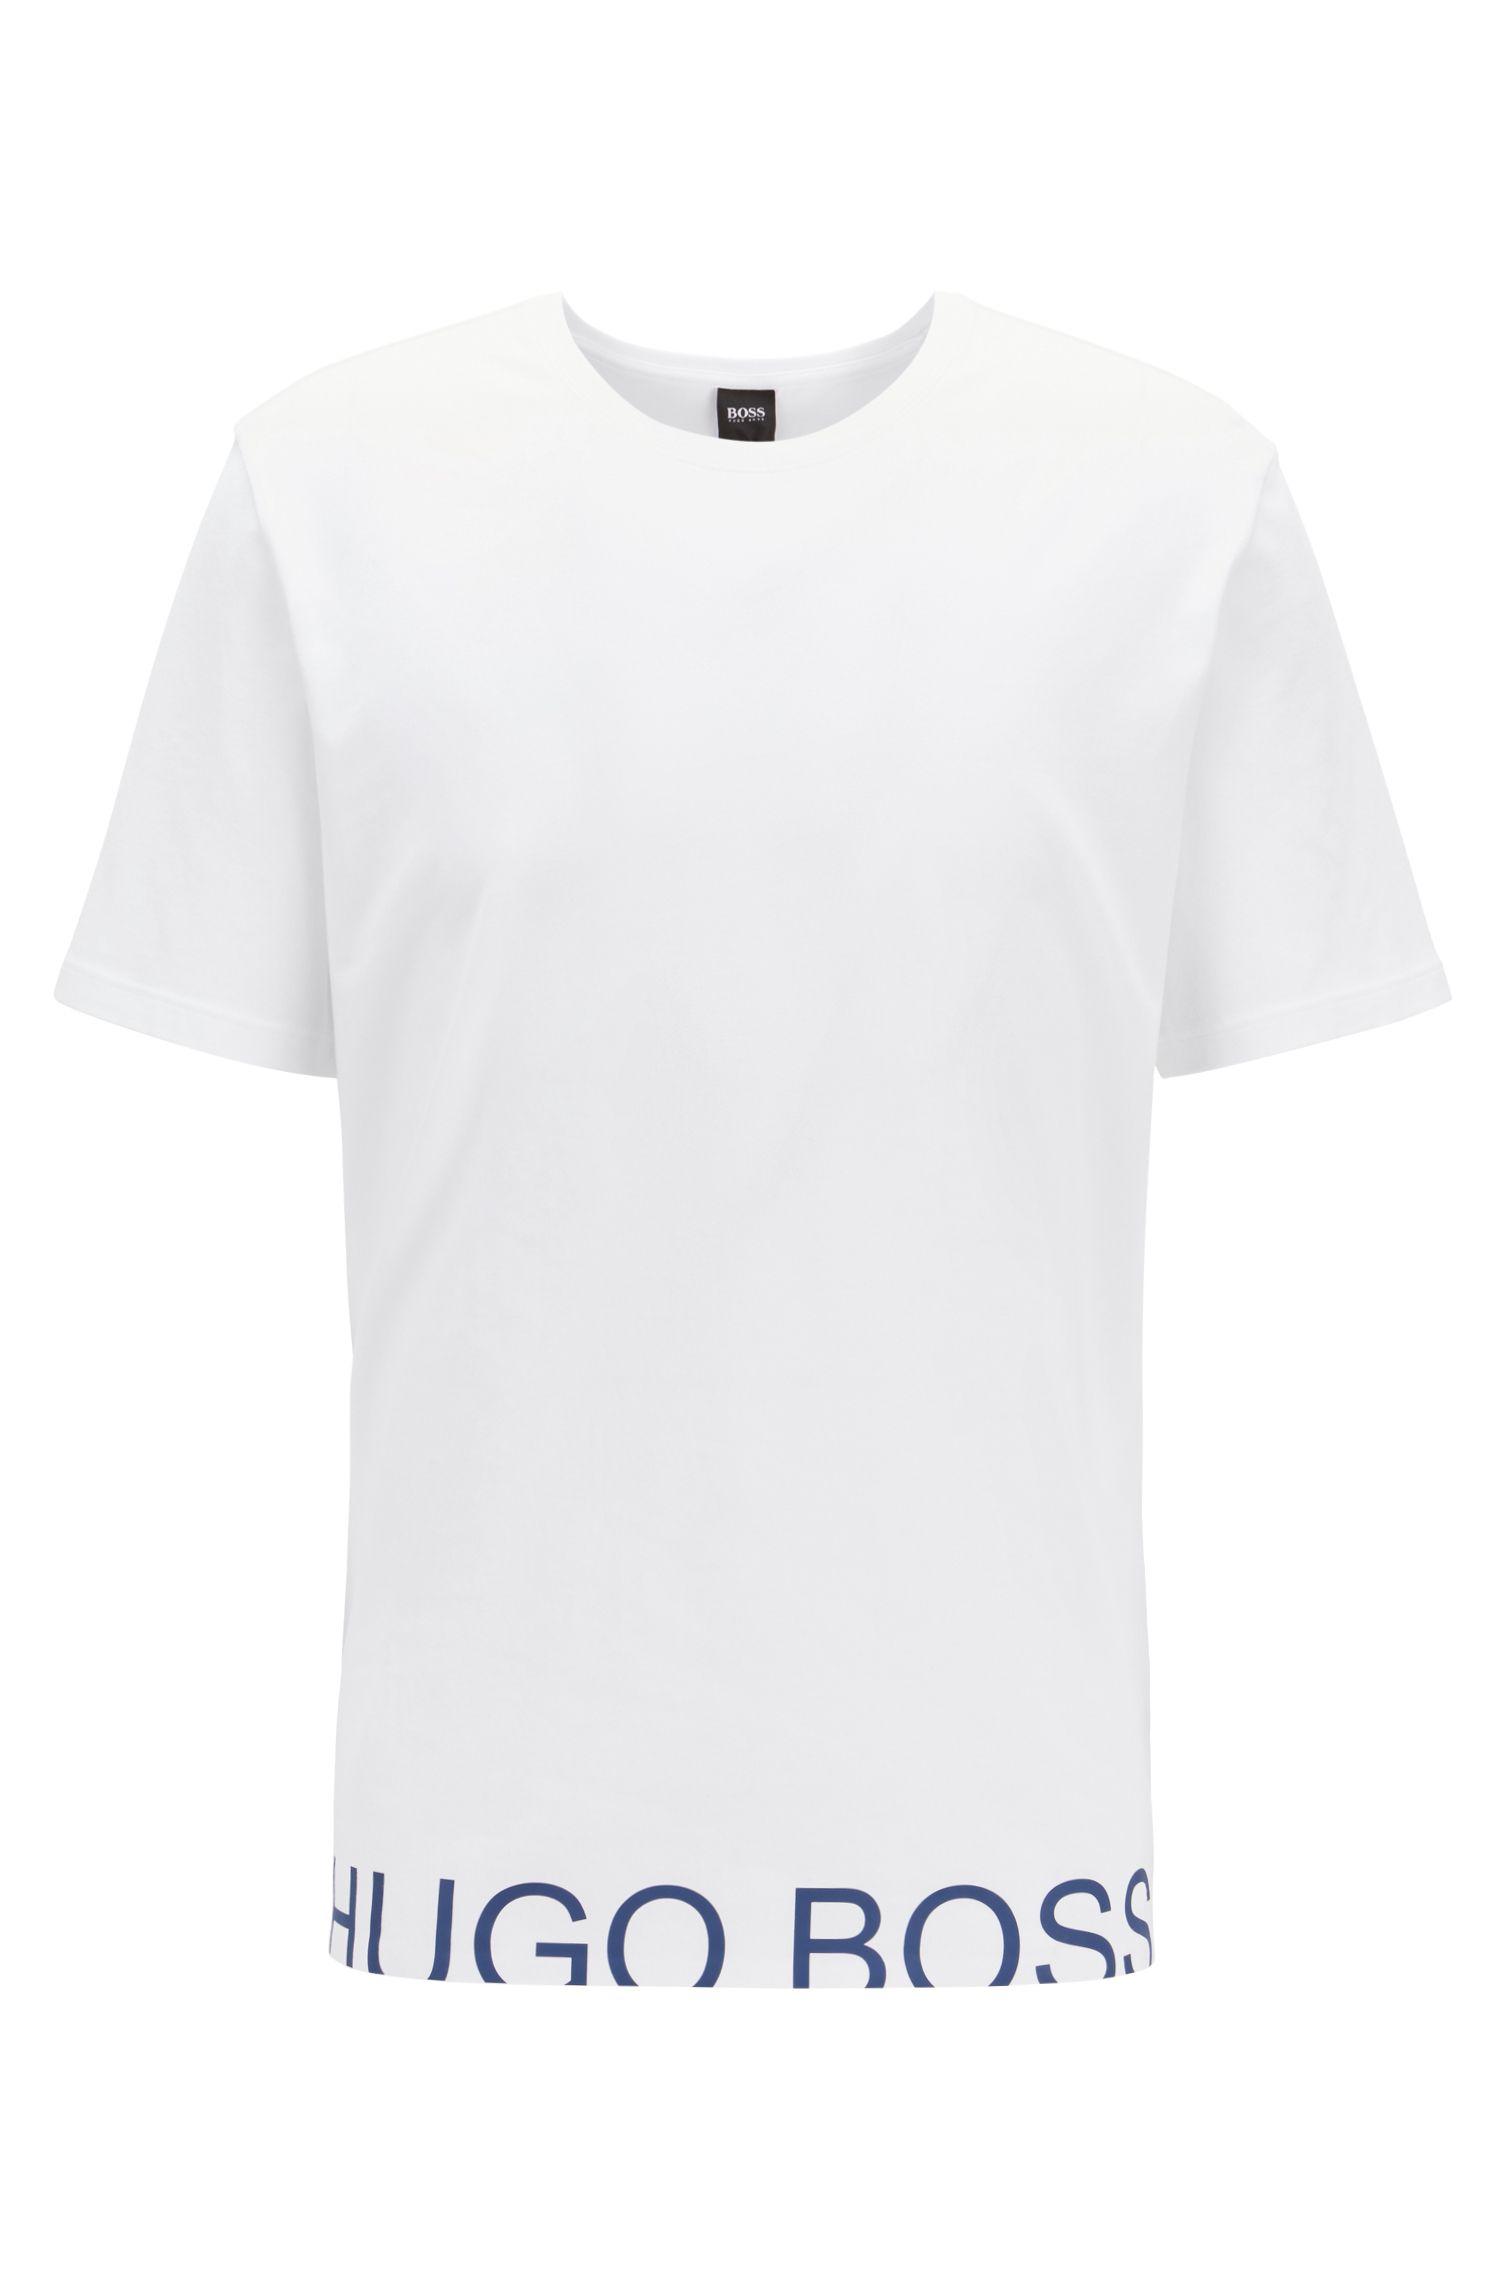 Pyjama-Shirt aus Single Jersey mit abgeschnittenem Logo, Weiß